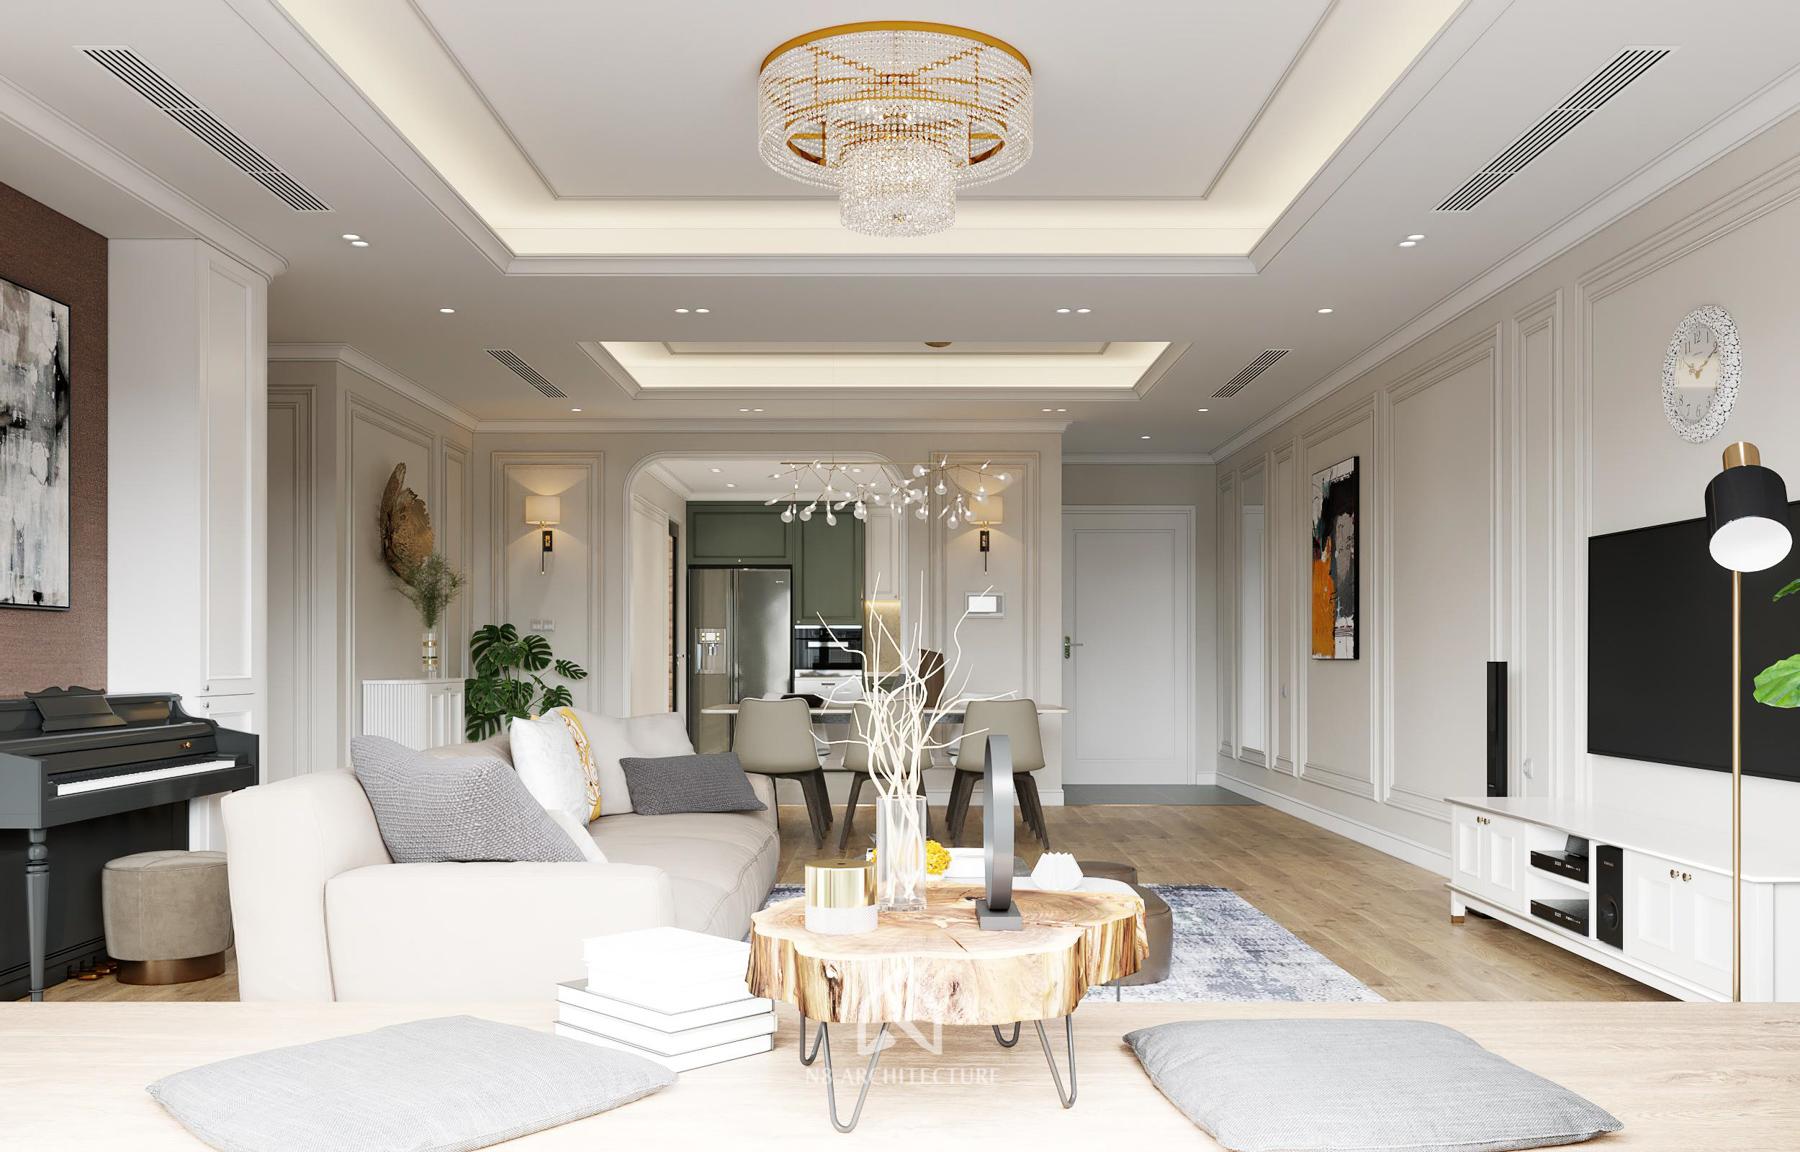 thiết kế nội thất chung cư paragon 5